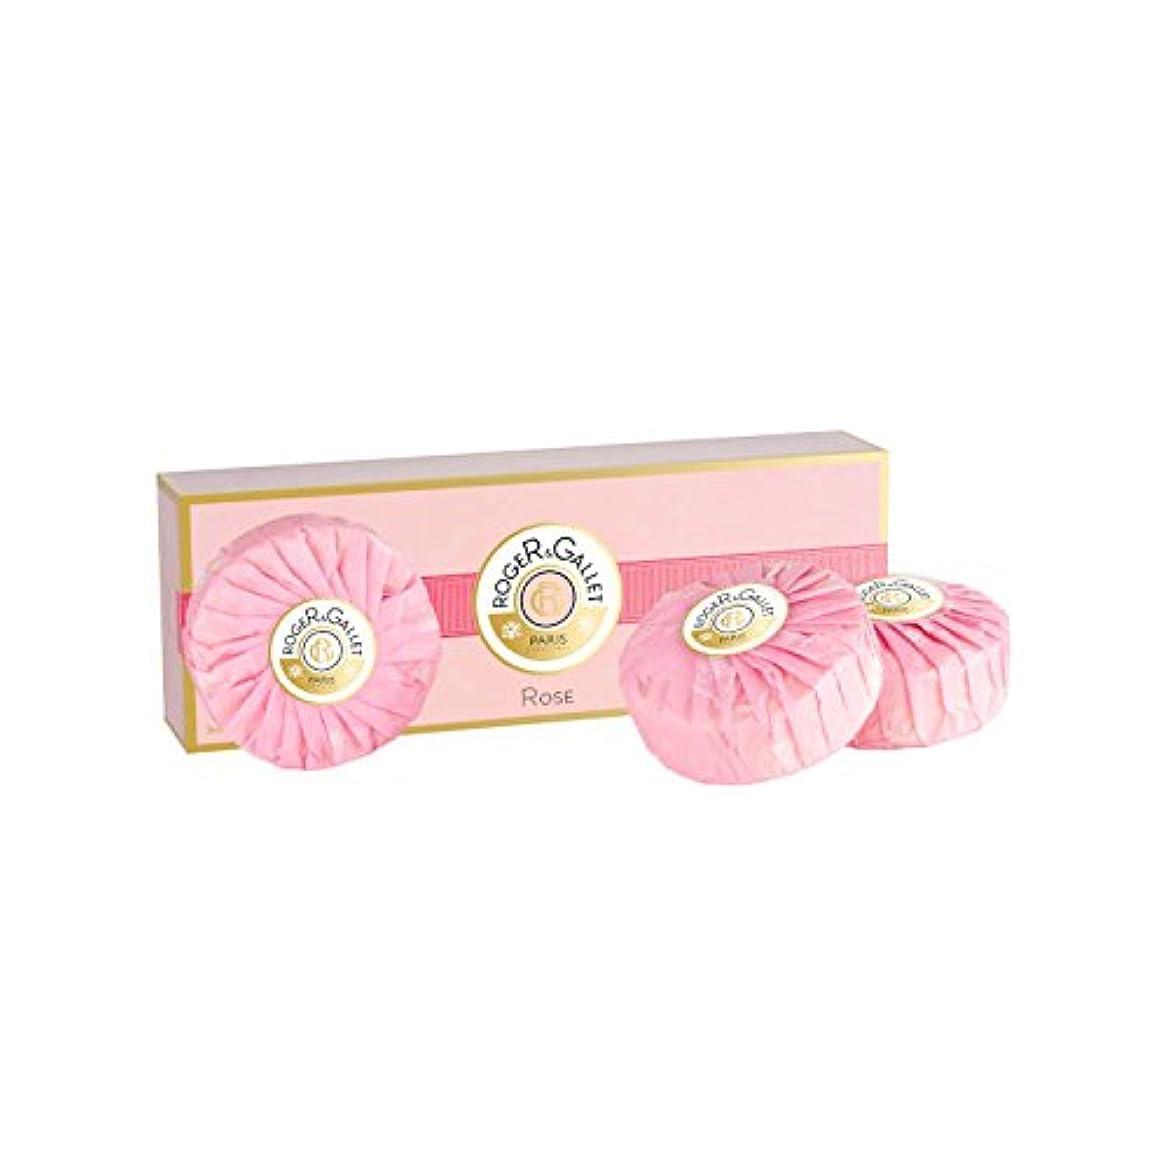 懸念リテラシー船尾ロジェガレ ローズ 香水石鹸 3個セット 100g×3 ROGER & GALLET ROSE SOAP [並行輸入品]